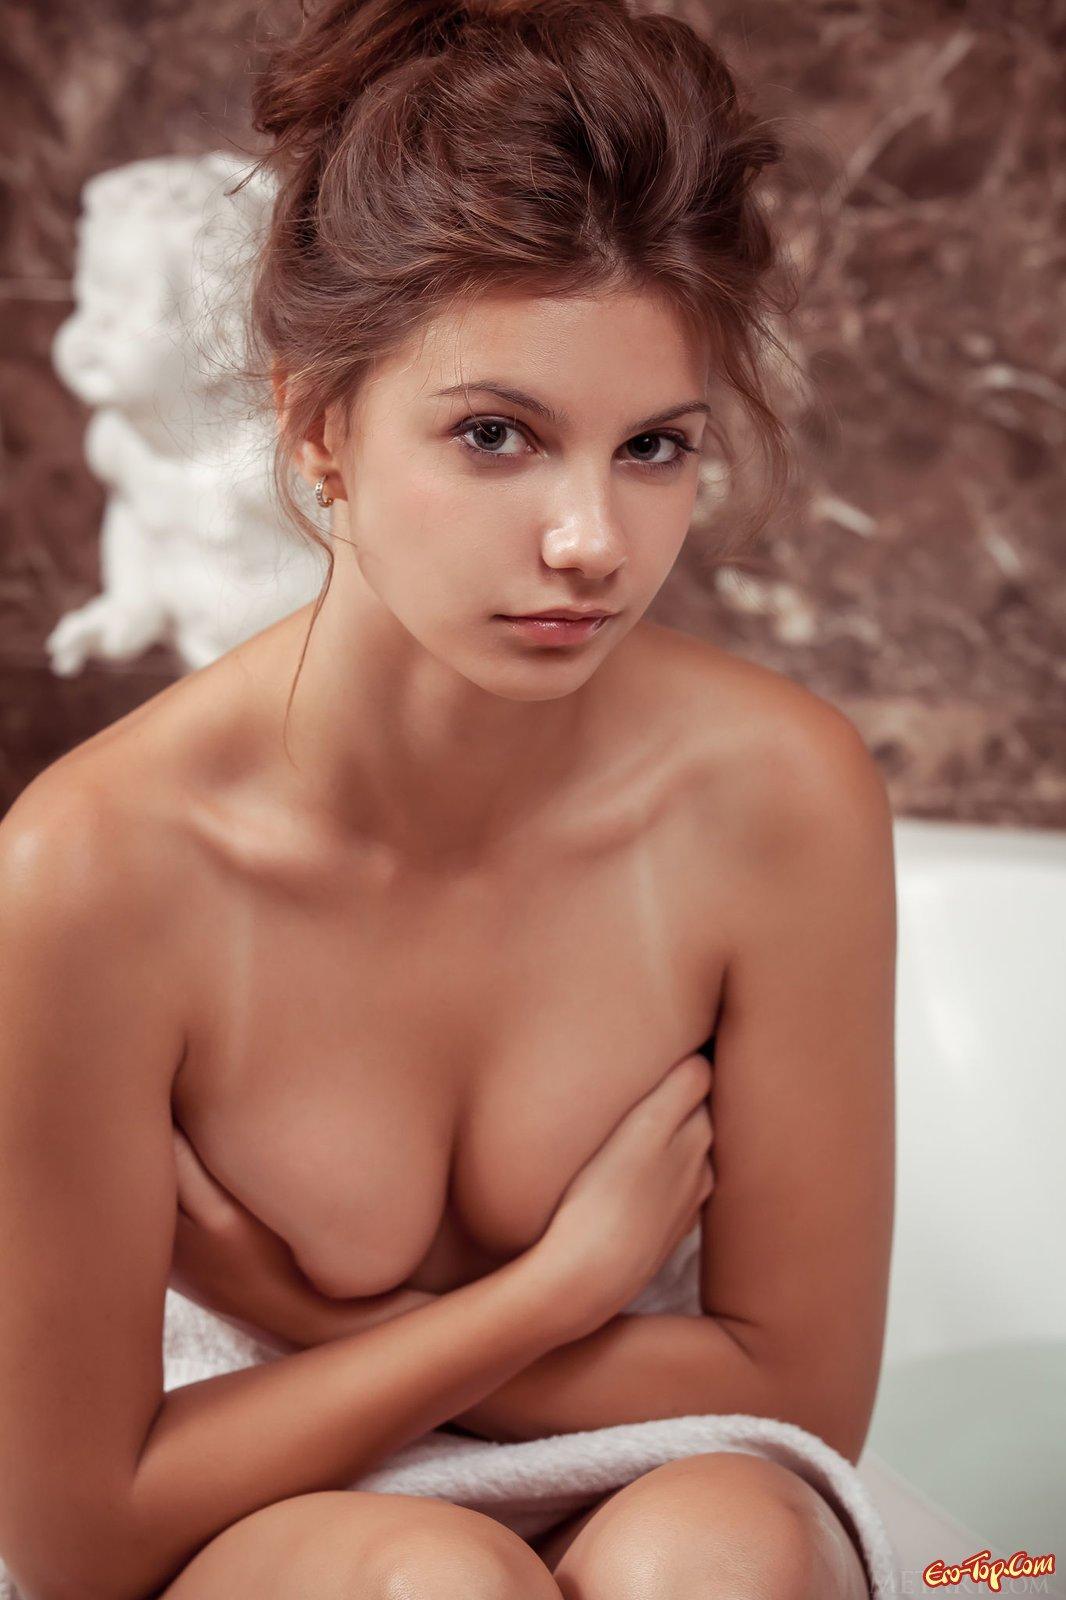 смотреть фото голых молоденьких девушек